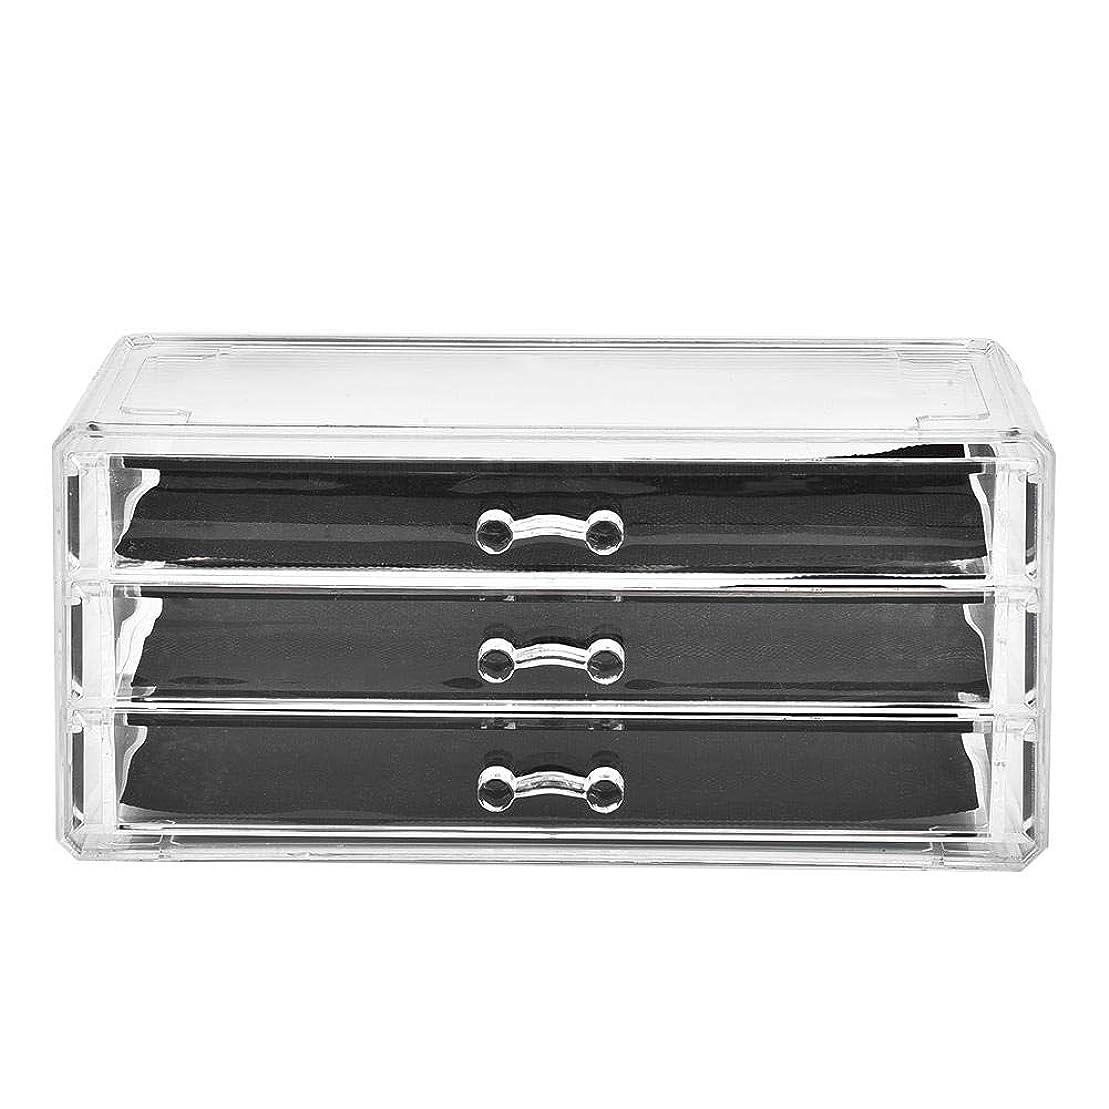 進化する欲望ピアース3レベルデスクジュエリーボックス、引き出し収納ボックス、化粧品